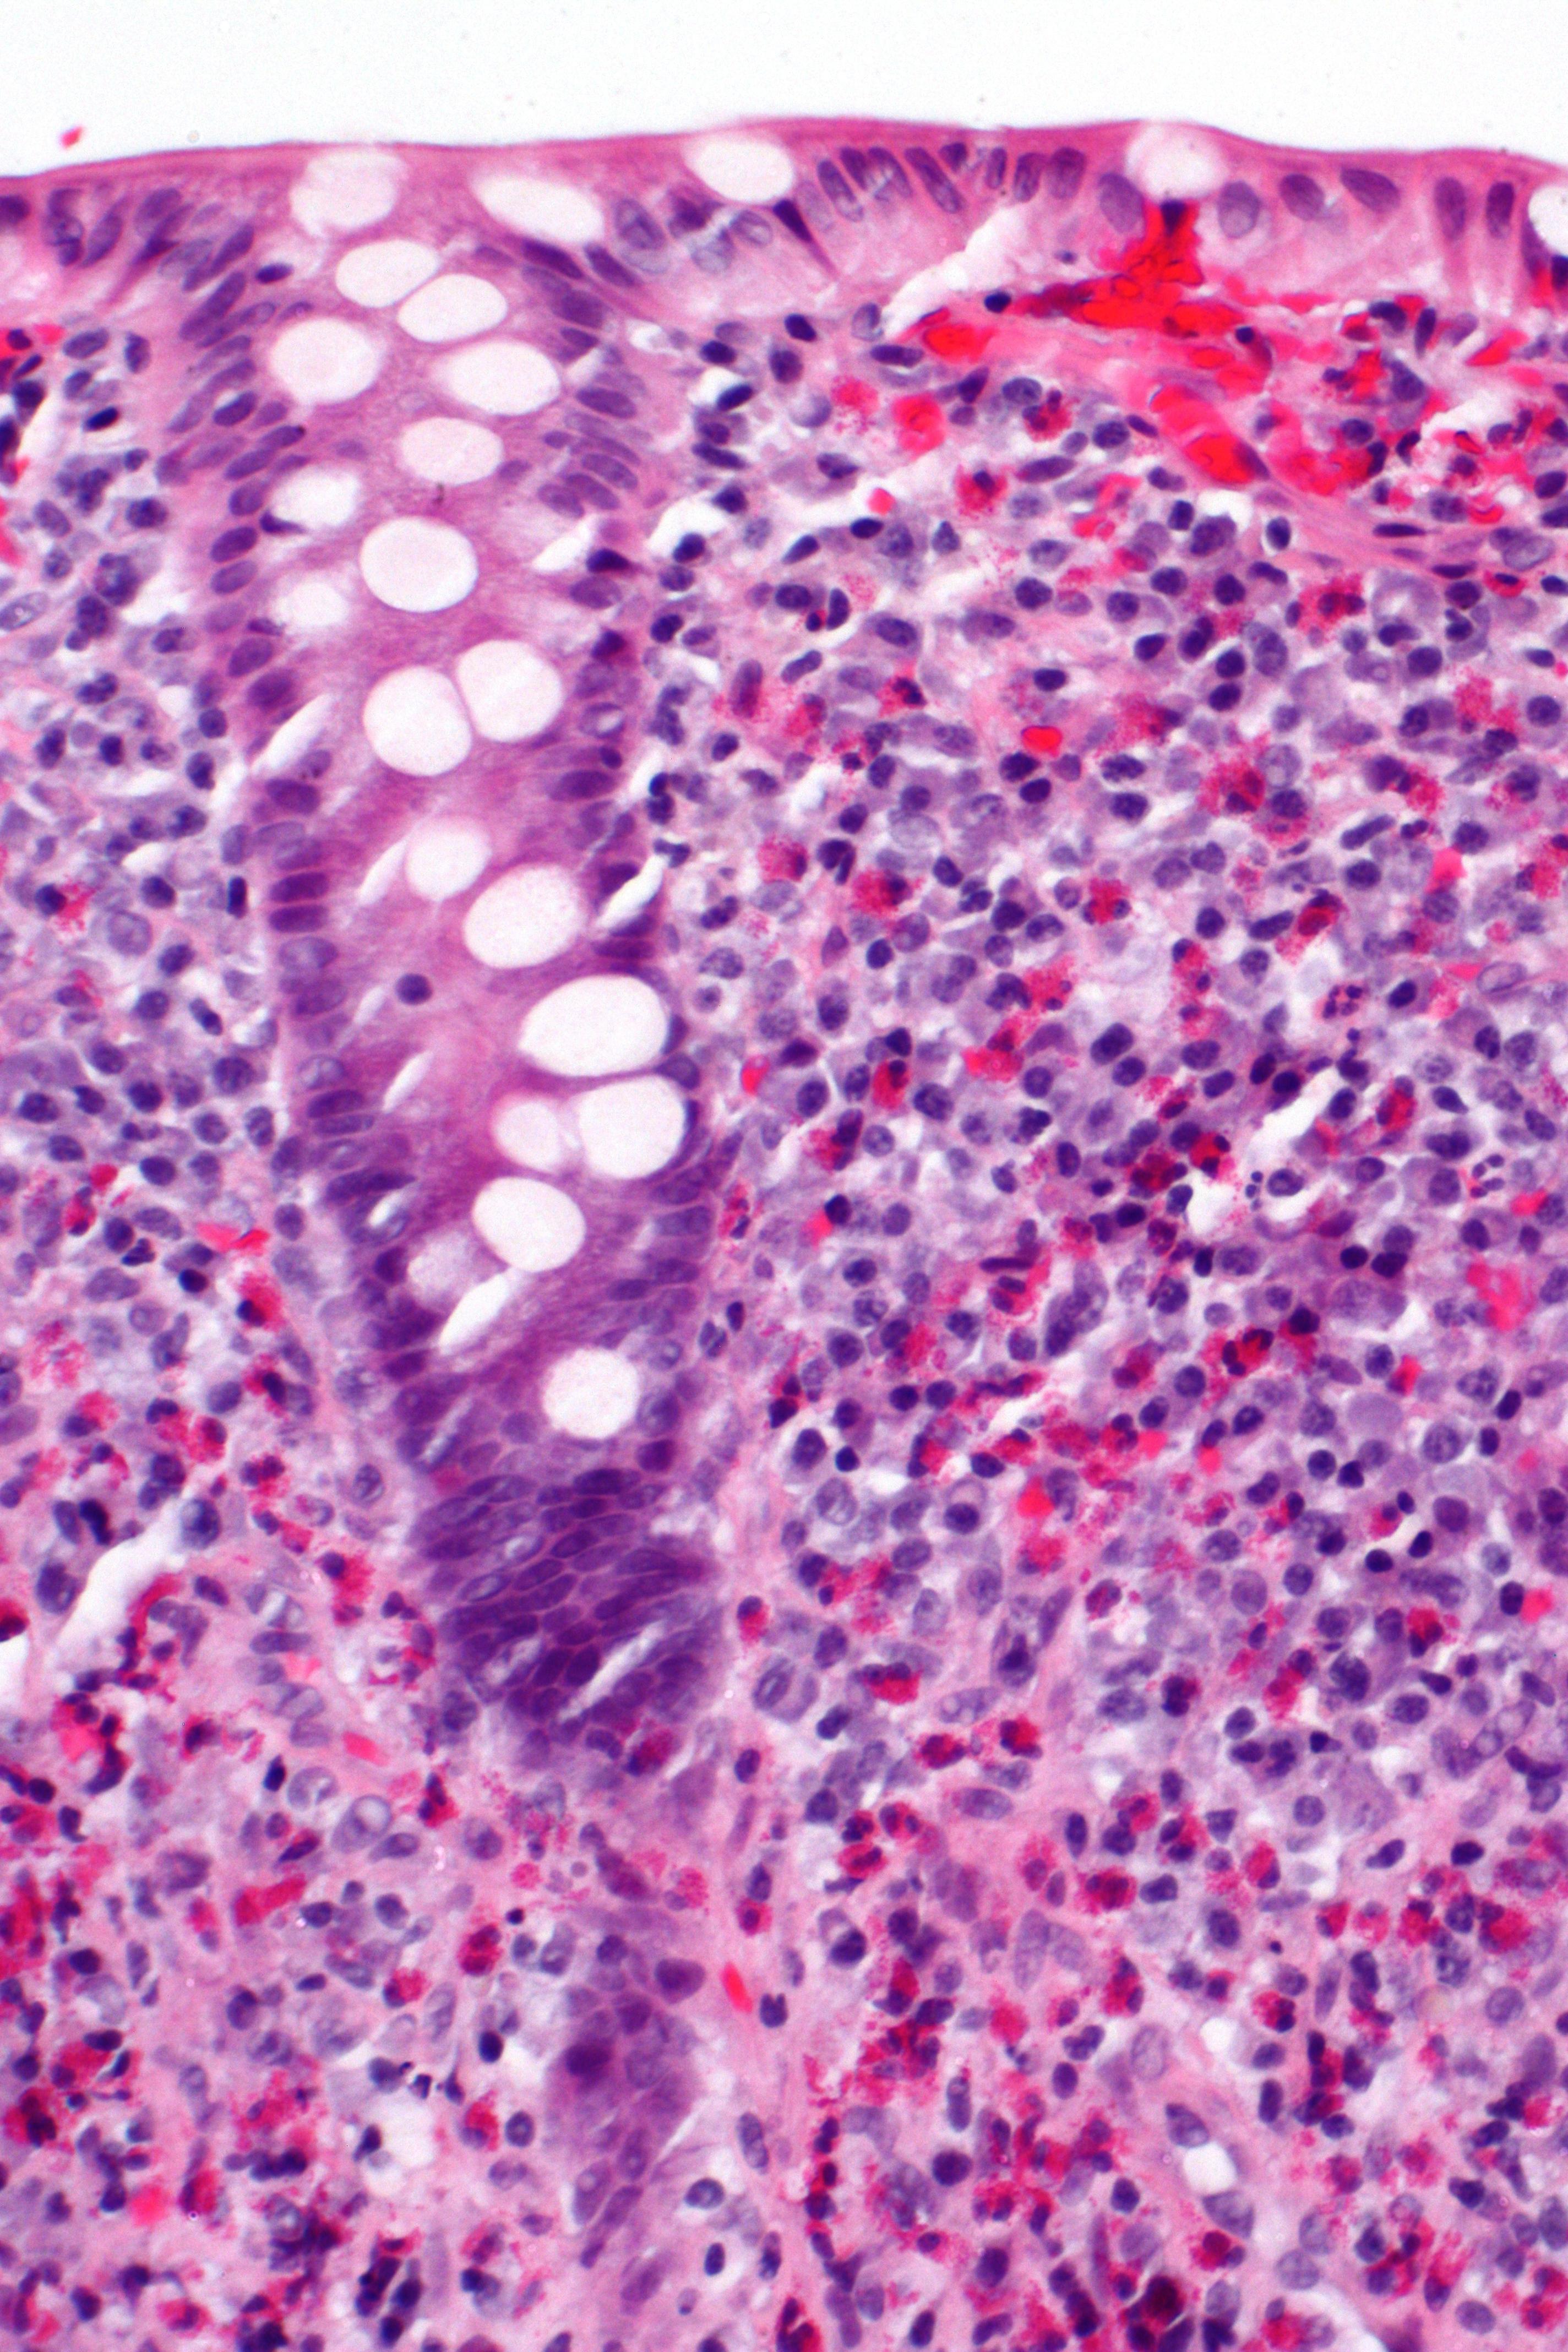 Eosinophile Colitis